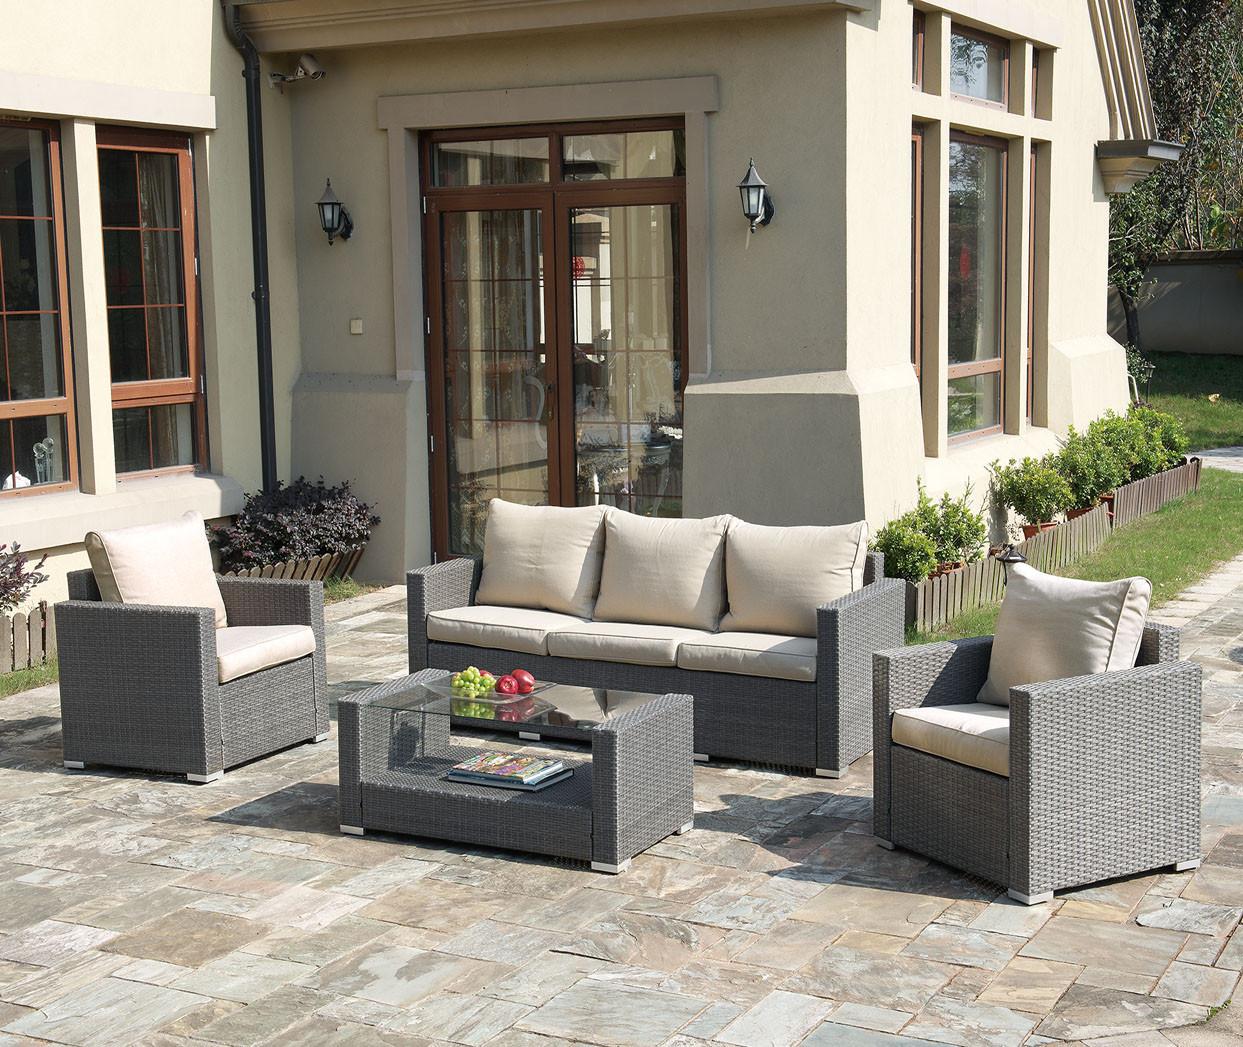 Lizkona Poundex P50246 Outdoor Patio 4 Pcs Sofa Set | Outdoor Sofa Set